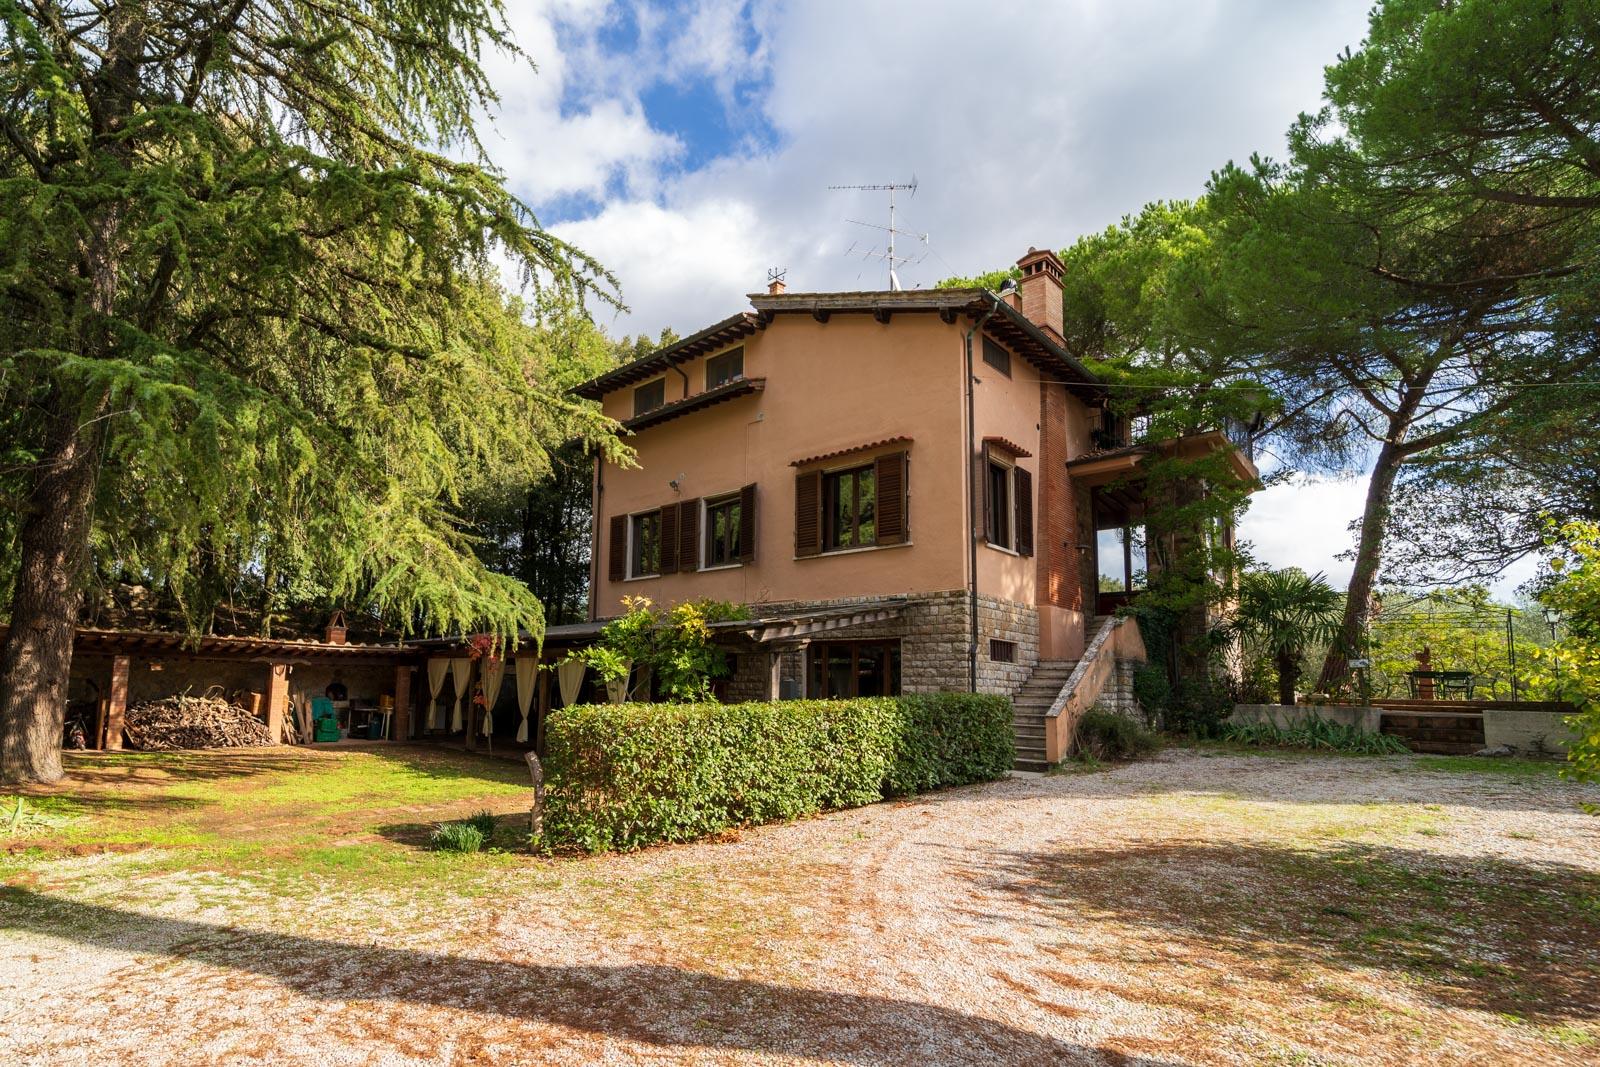 Agriturismo con vigneti e 112 ettari di terreno vicino a San Gimignano